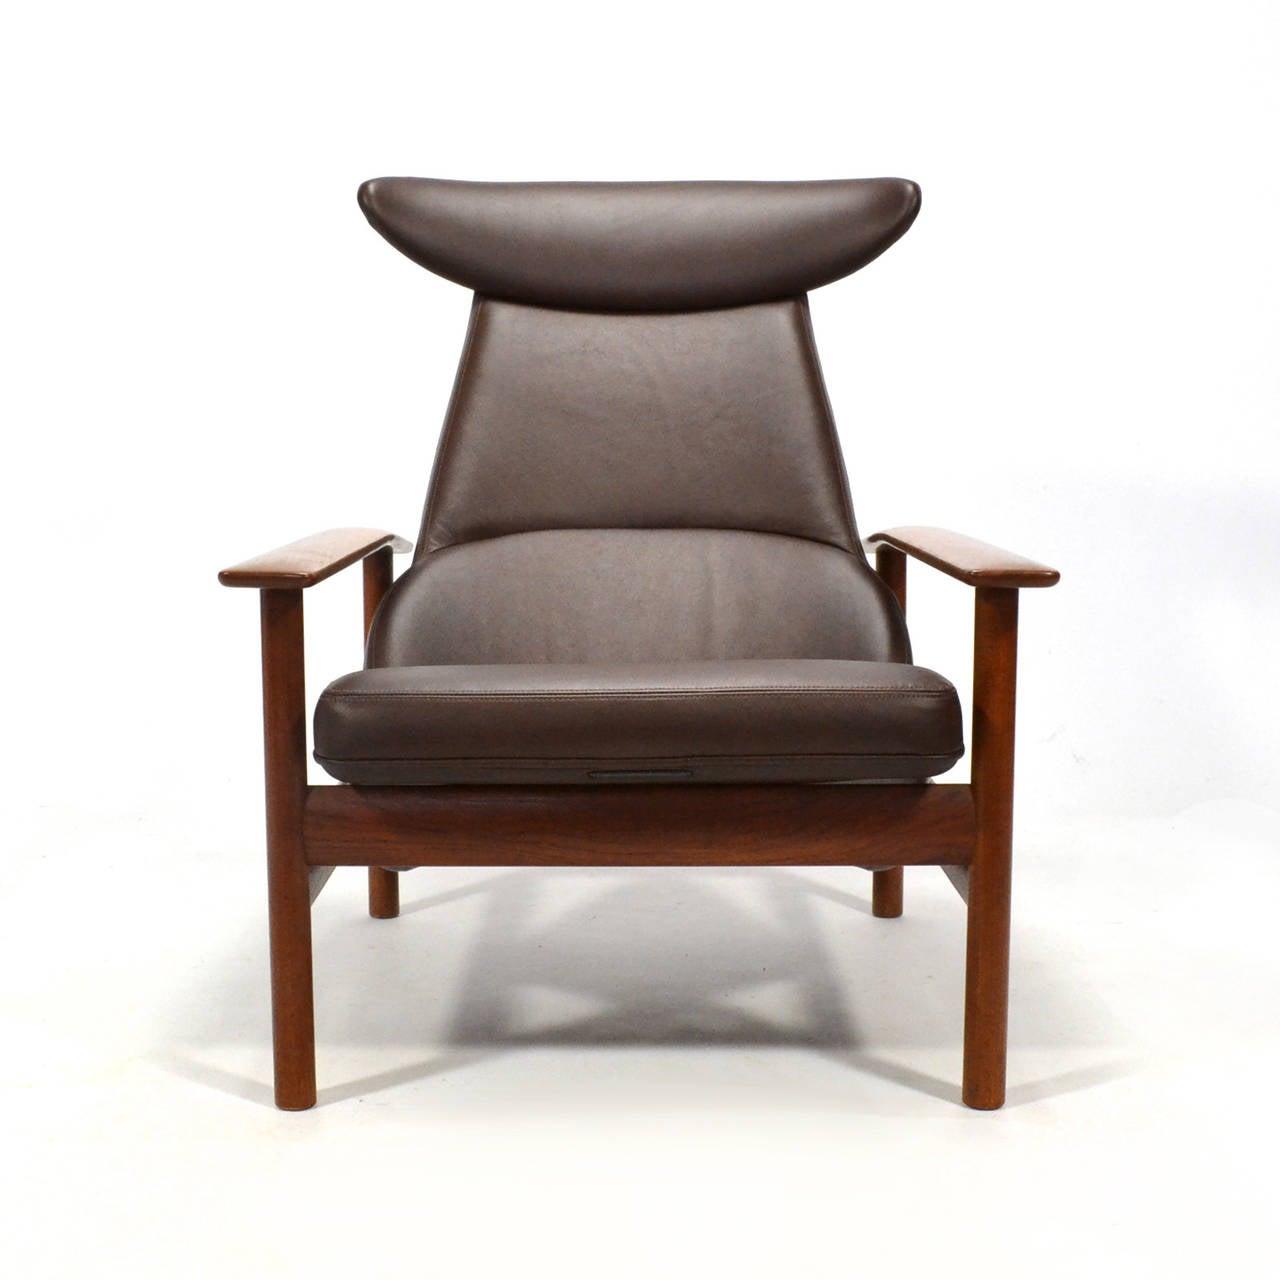 Scandinavian Modern Sven Ivar Dysthe Reclining Lounge Chair For Sale